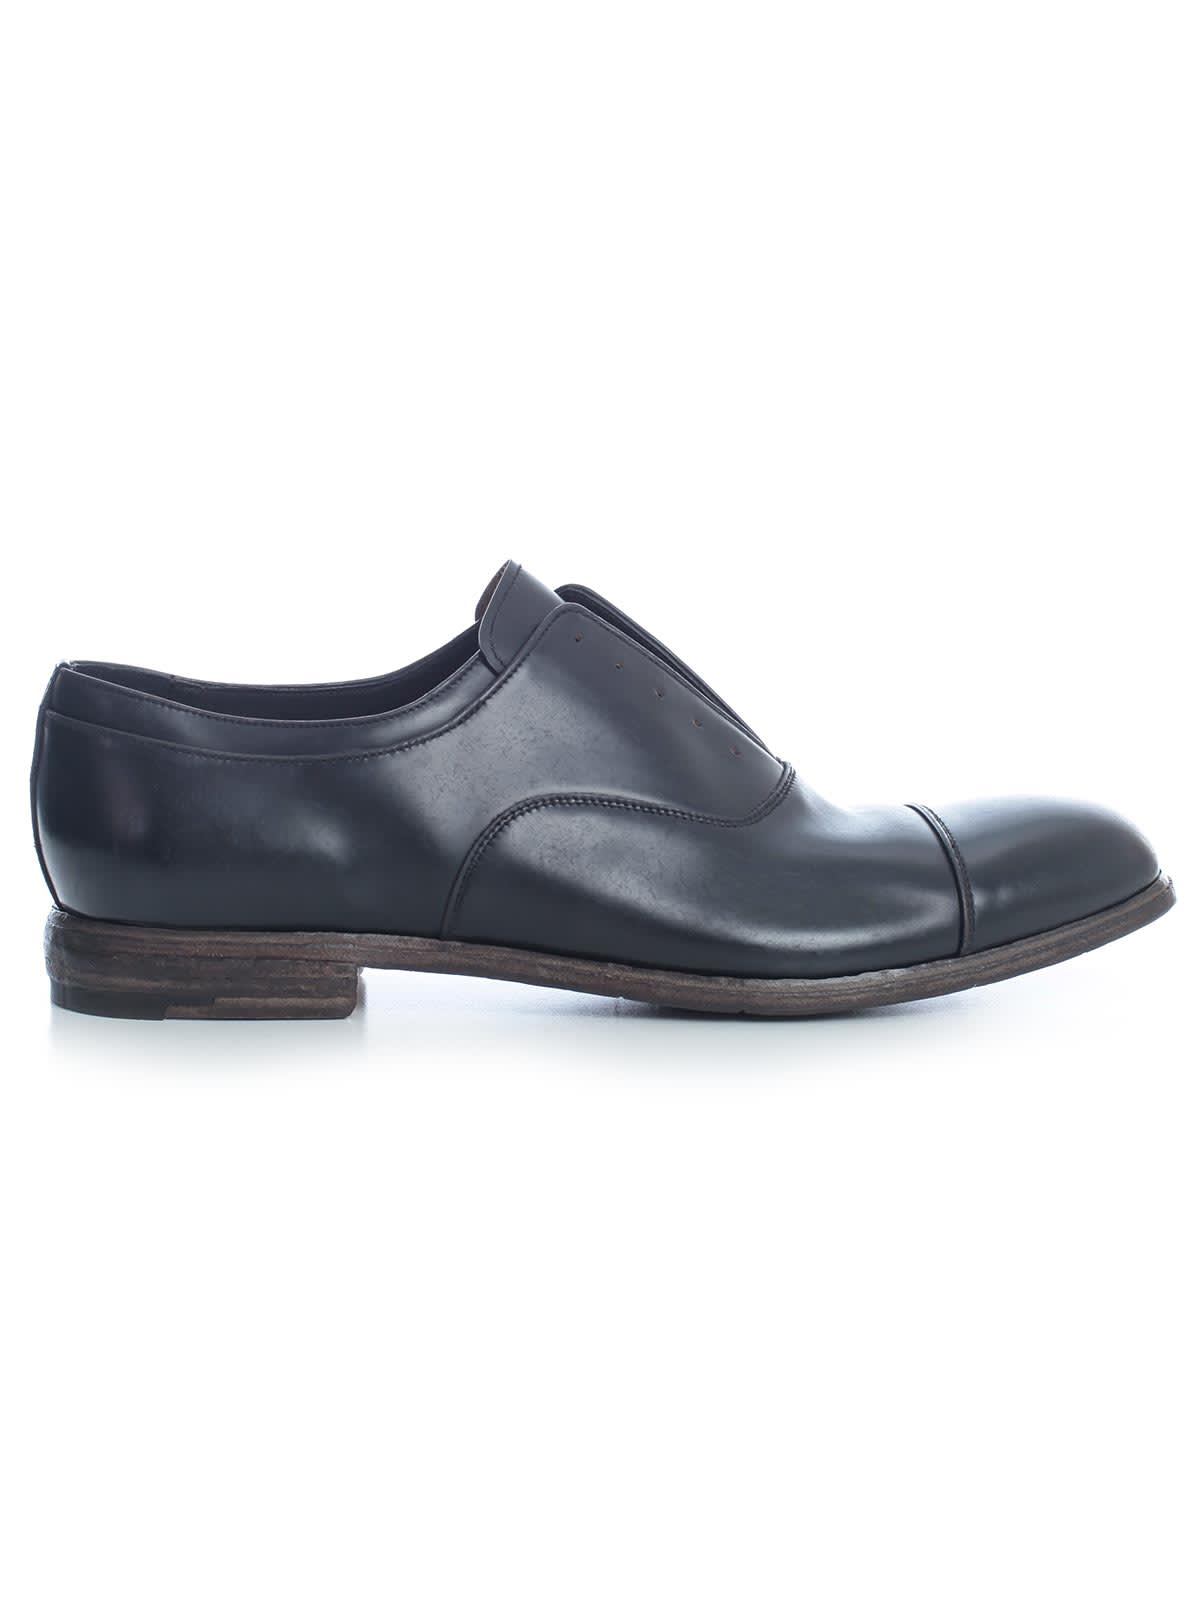 Premiata Monella Lace Up Shoes W/leather Lace In Nero